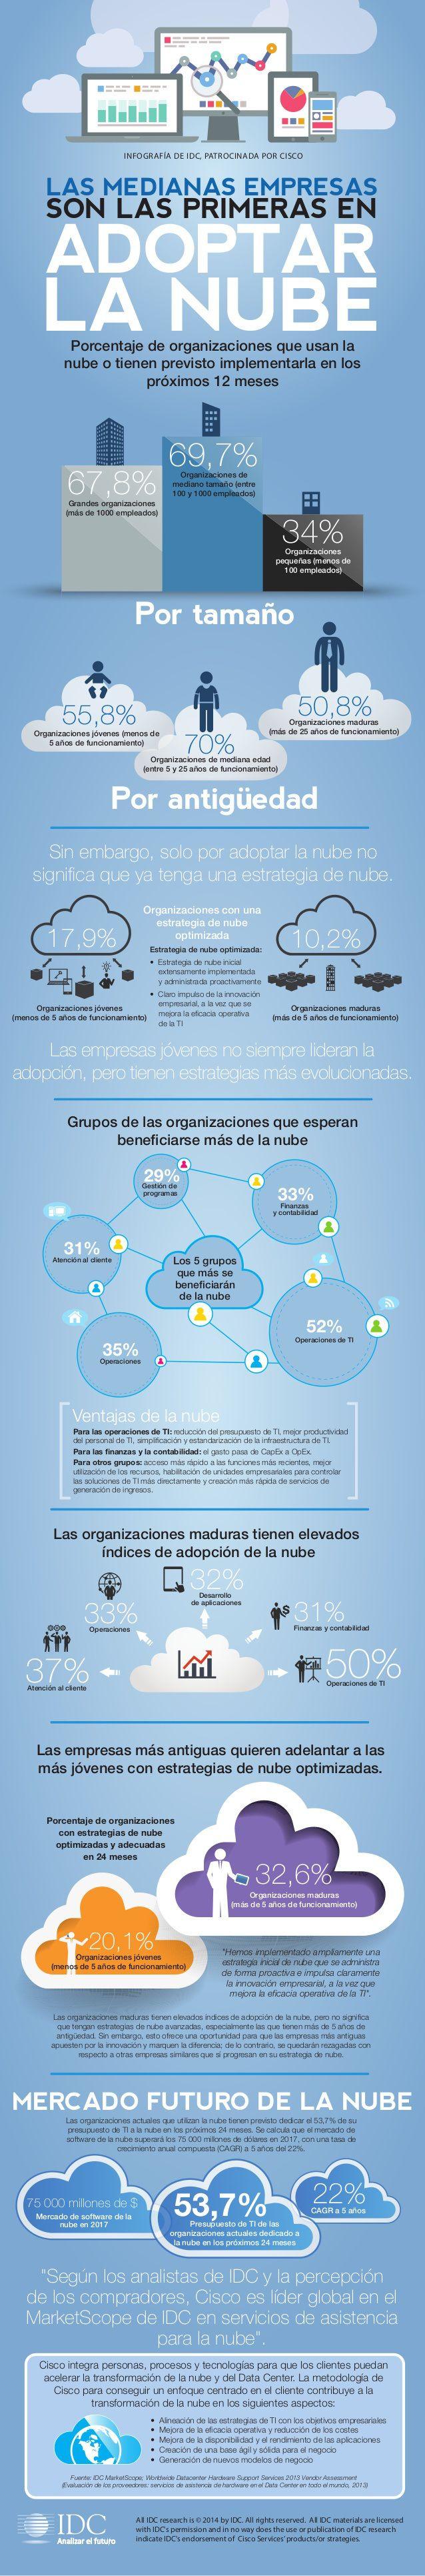 Las empresas medianas: las que más usan la Nube #infografia